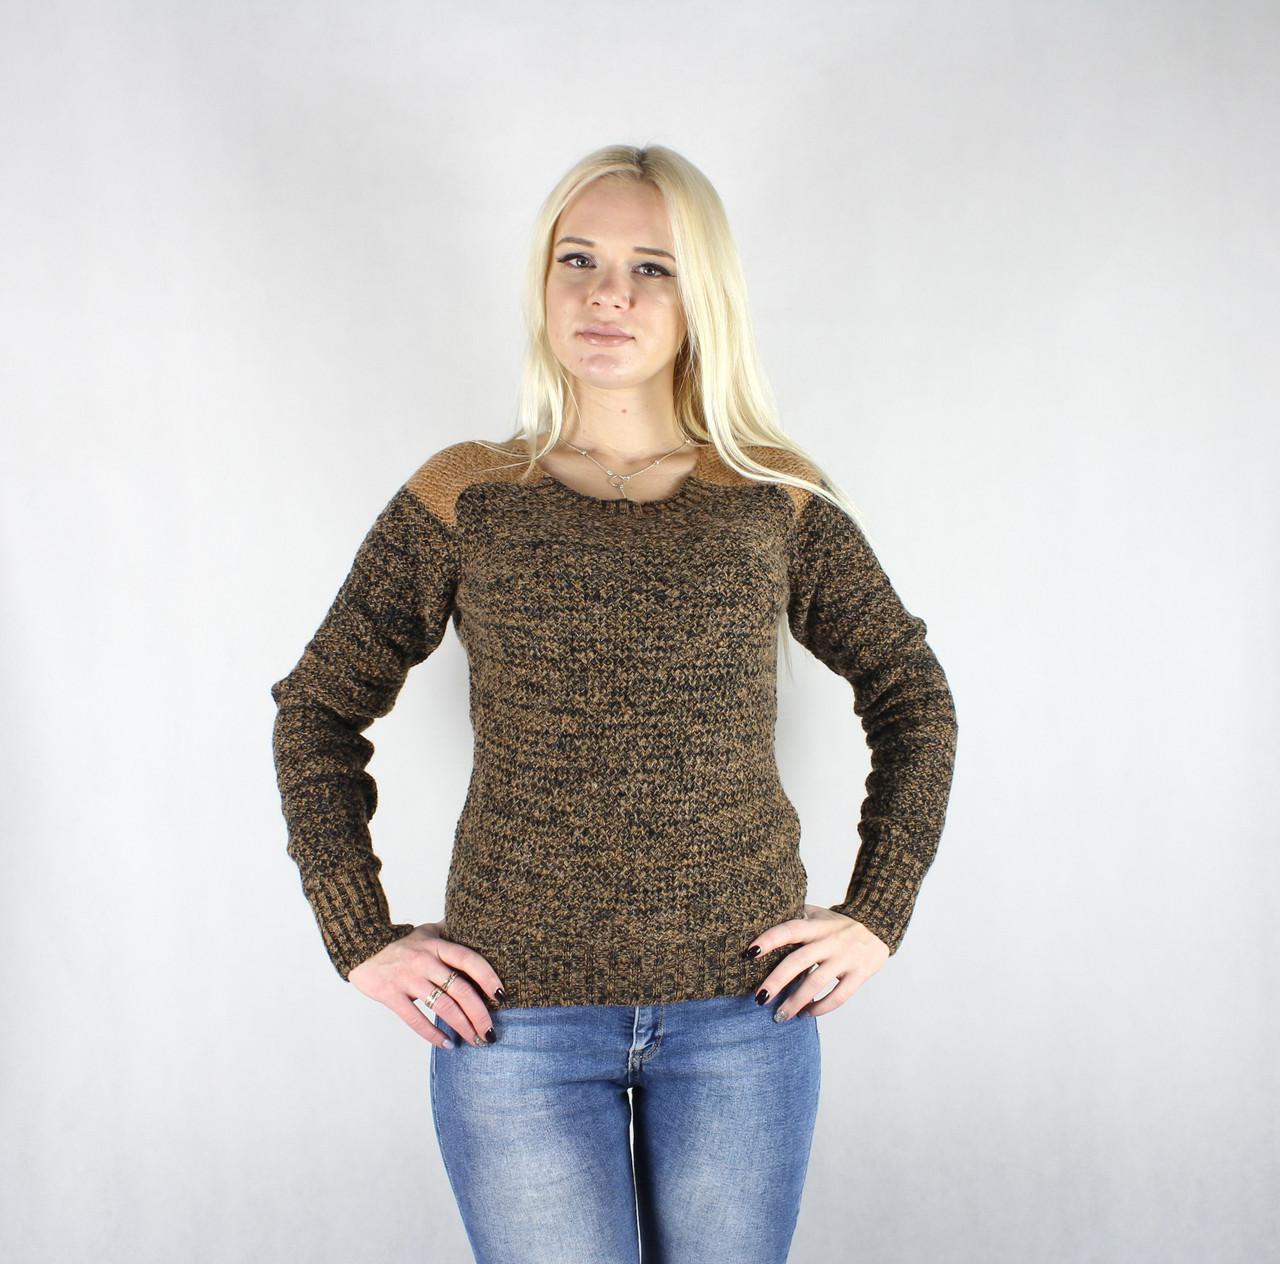 Теплый вязаный женский свитер «Pantamo Jeans» коричневого цвета